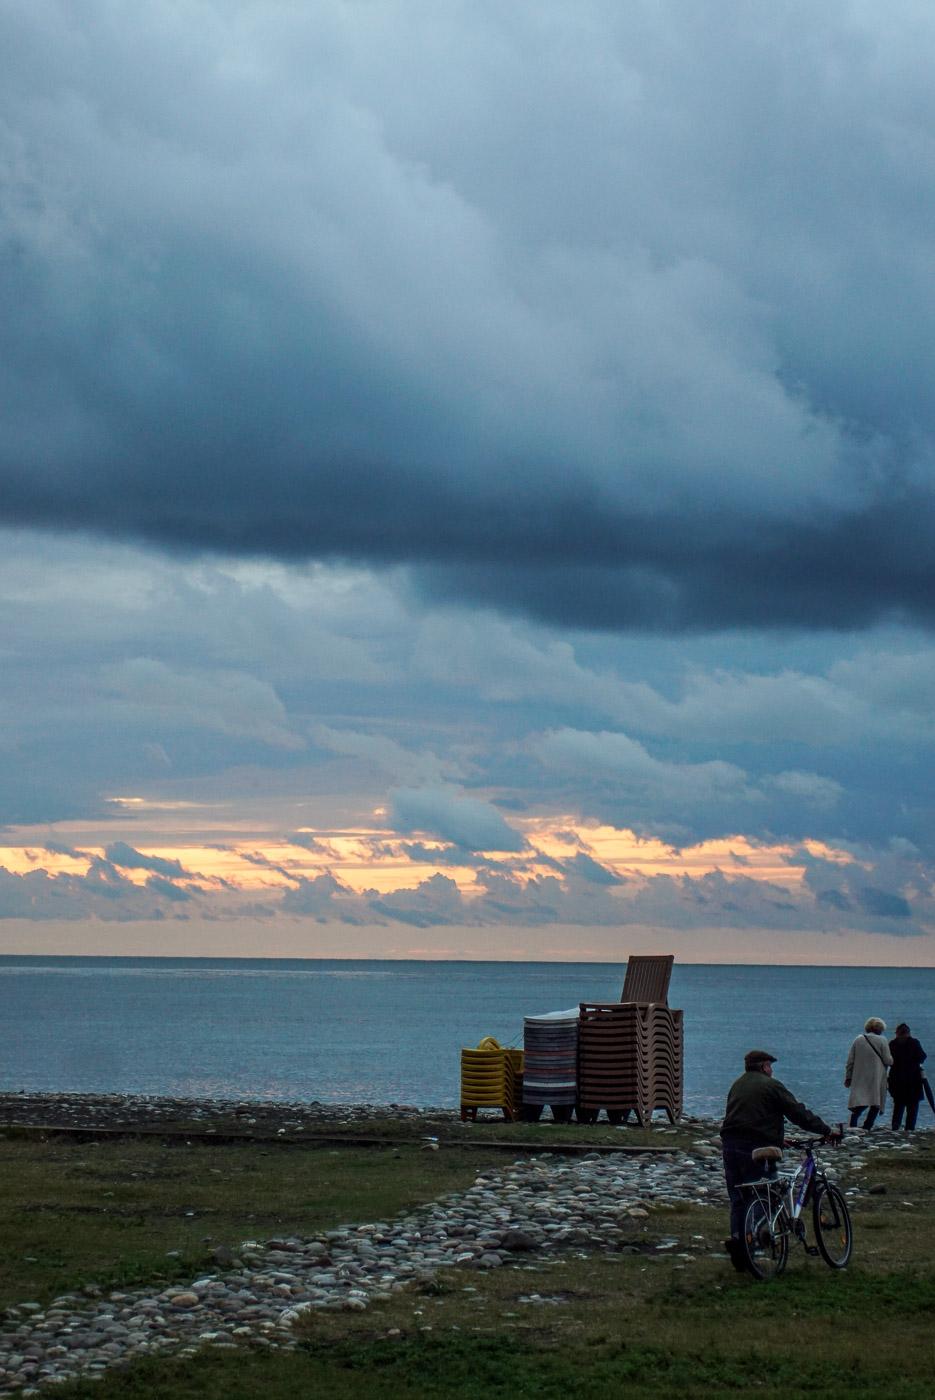 Zu sehen ist wie die Sonne untergeht und die dichten Regenwolken teilweise rot gefärbt sind. Im Vordergrund führt ein steiniger Weg zum Strand auf der einen Mann mit alten Fahrrad läuft.